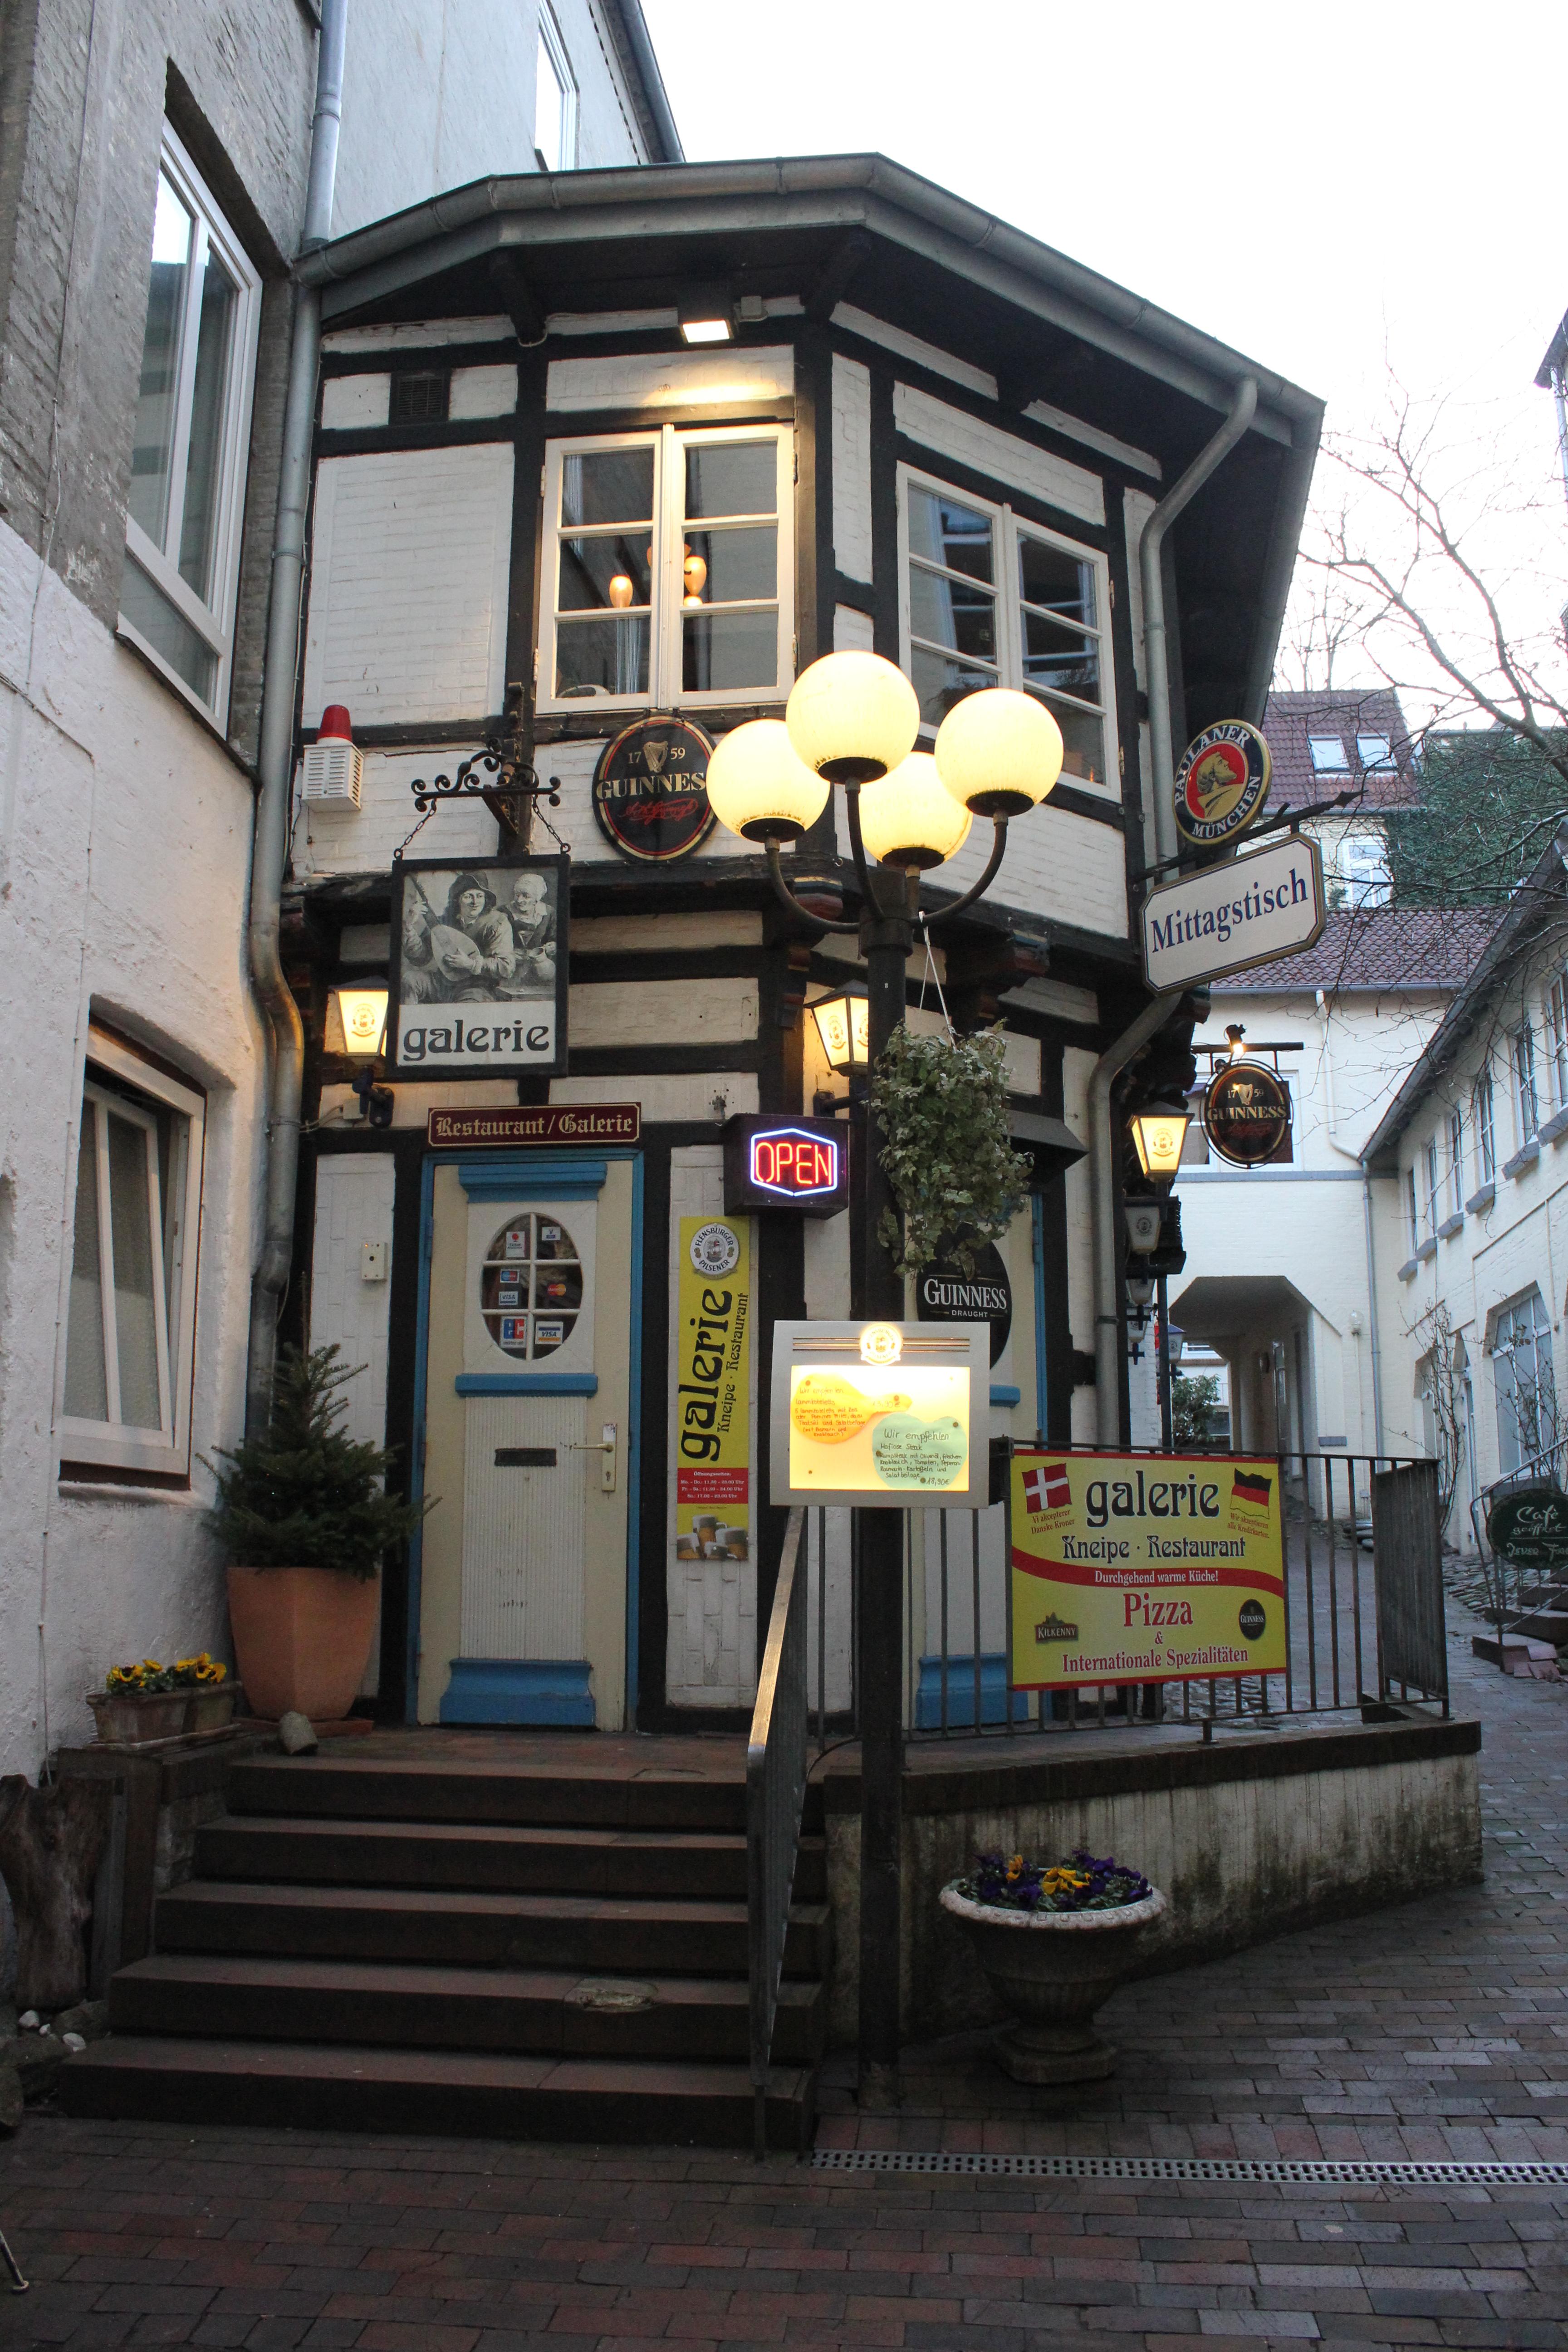 Restaurant Galerie Flensburg